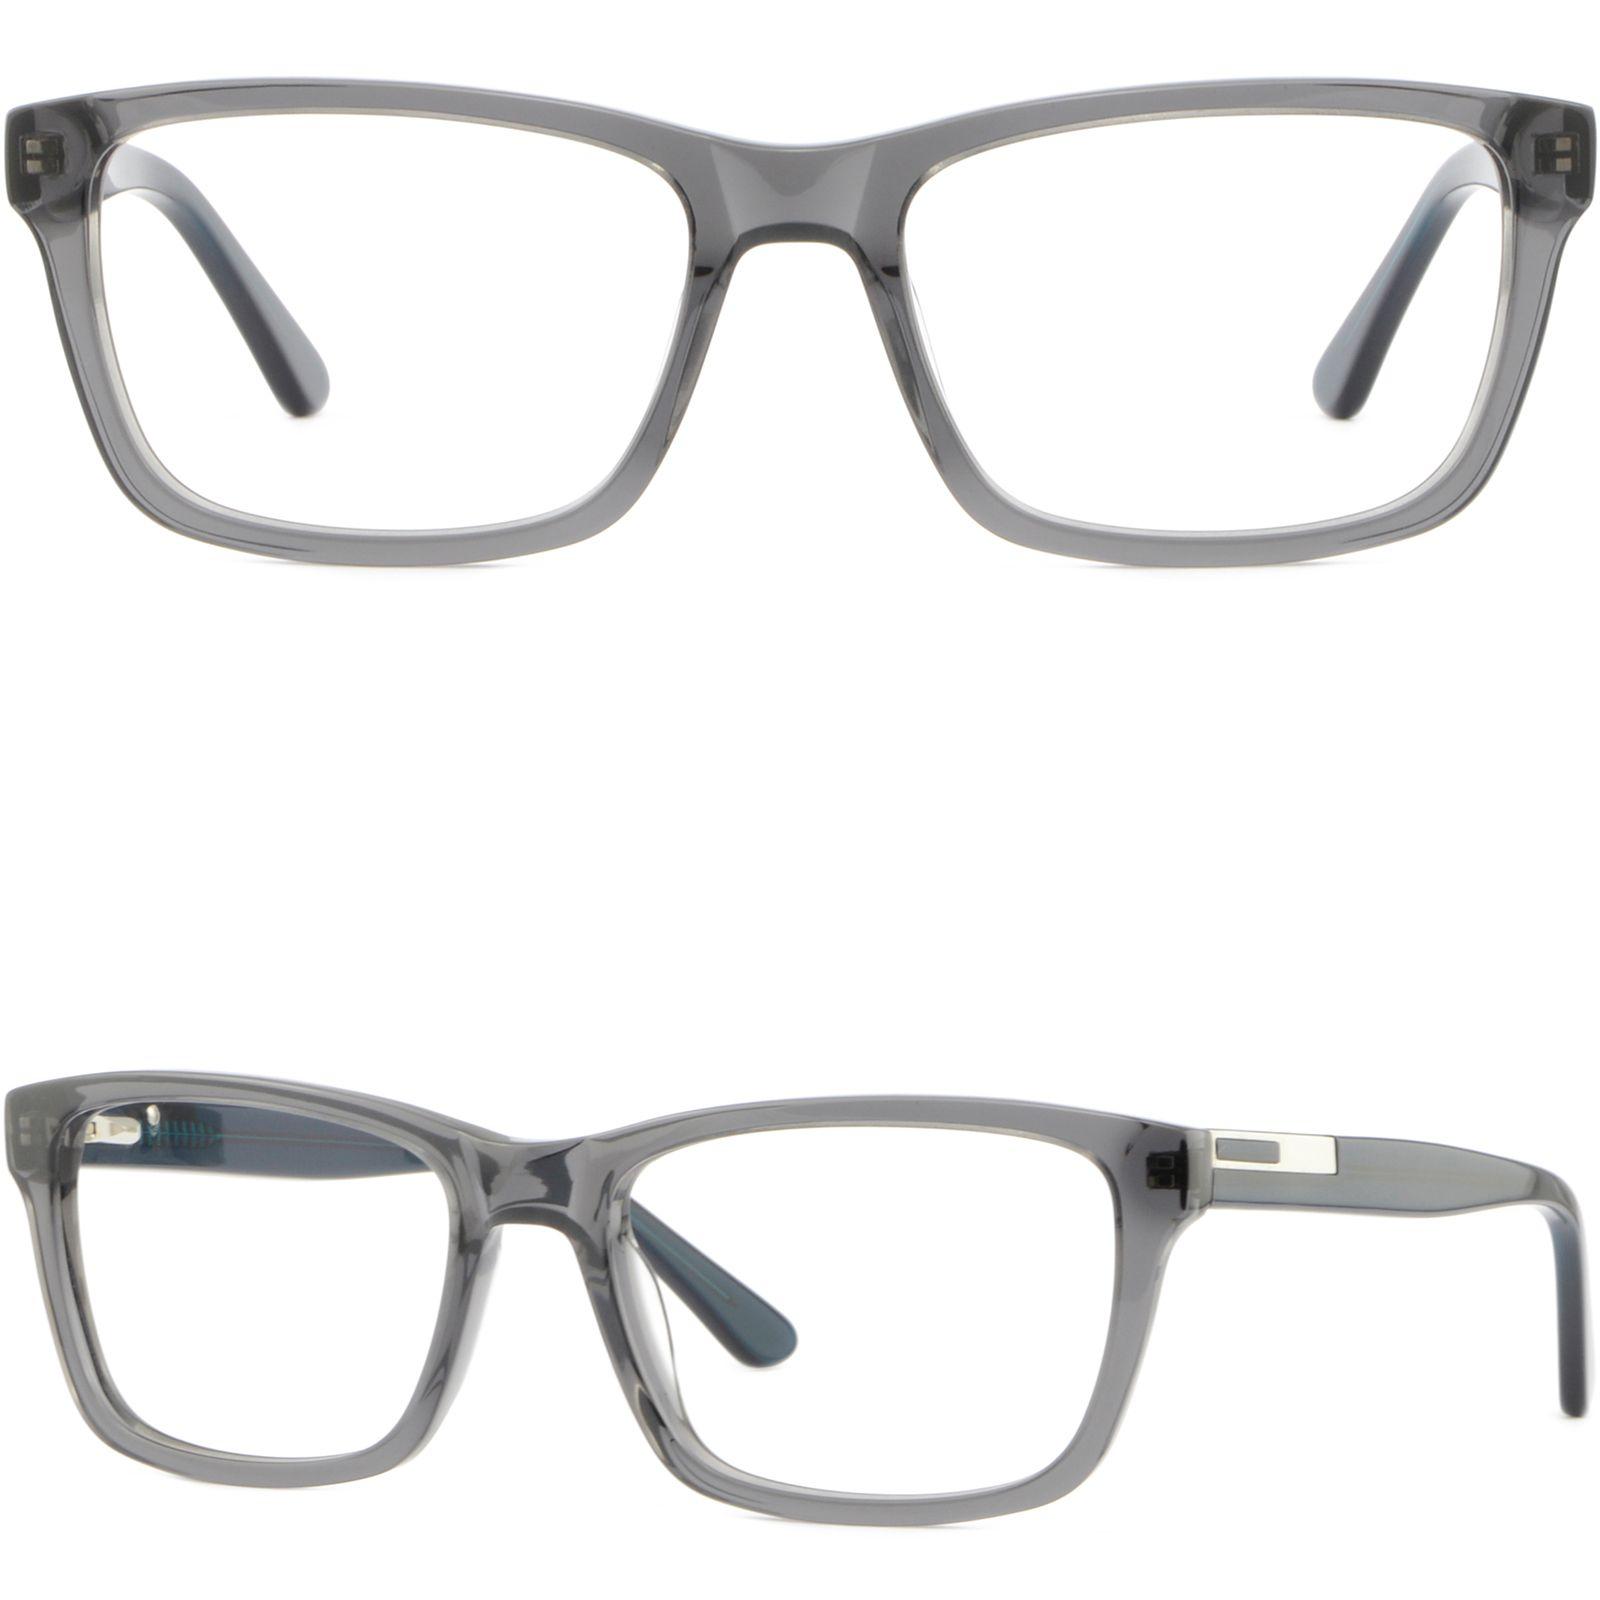 501b9ff4ef7e2 Gray Grey Mens Womens Plastic Frame Spring Hinges Rectangle Prescription  Glasses Designer Glasses Frames Eyeglass Frames For Women From Aceglasses